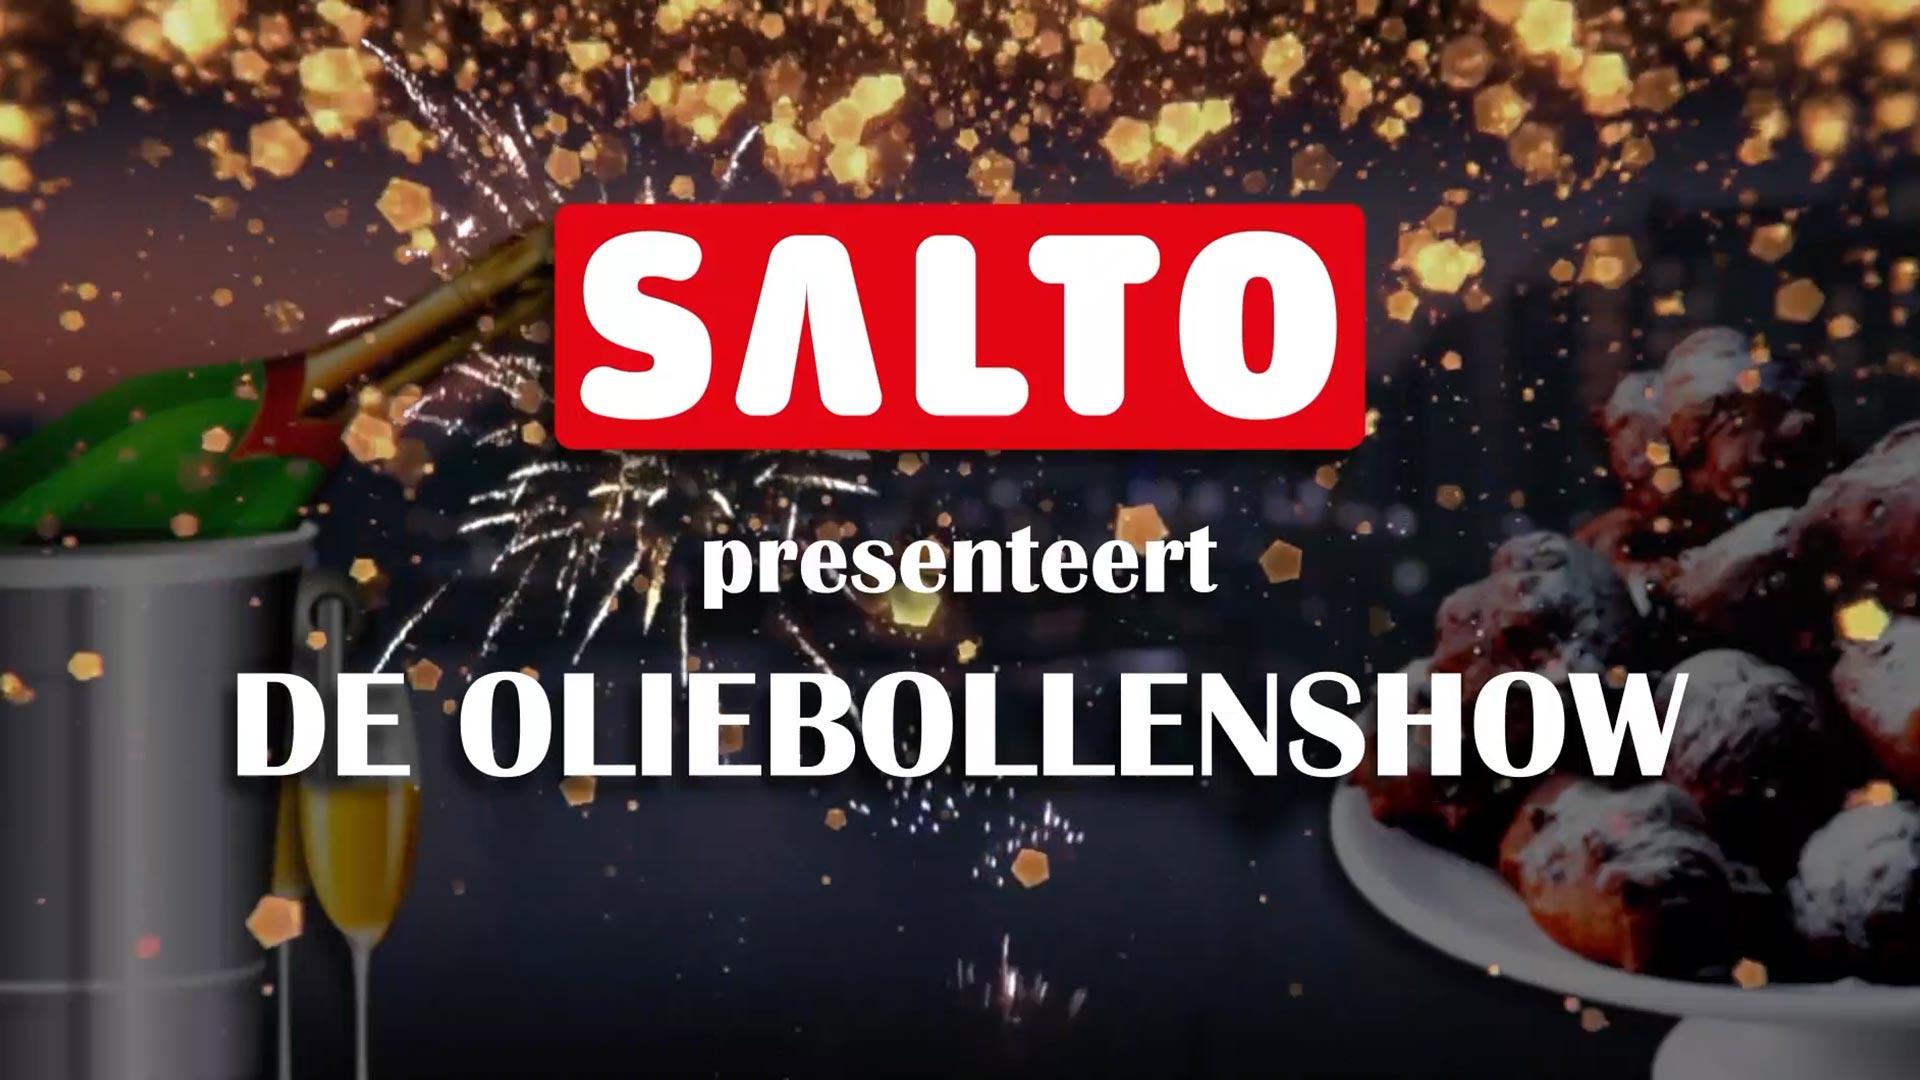 SALTO presenteert 'De Oliebollenshow'